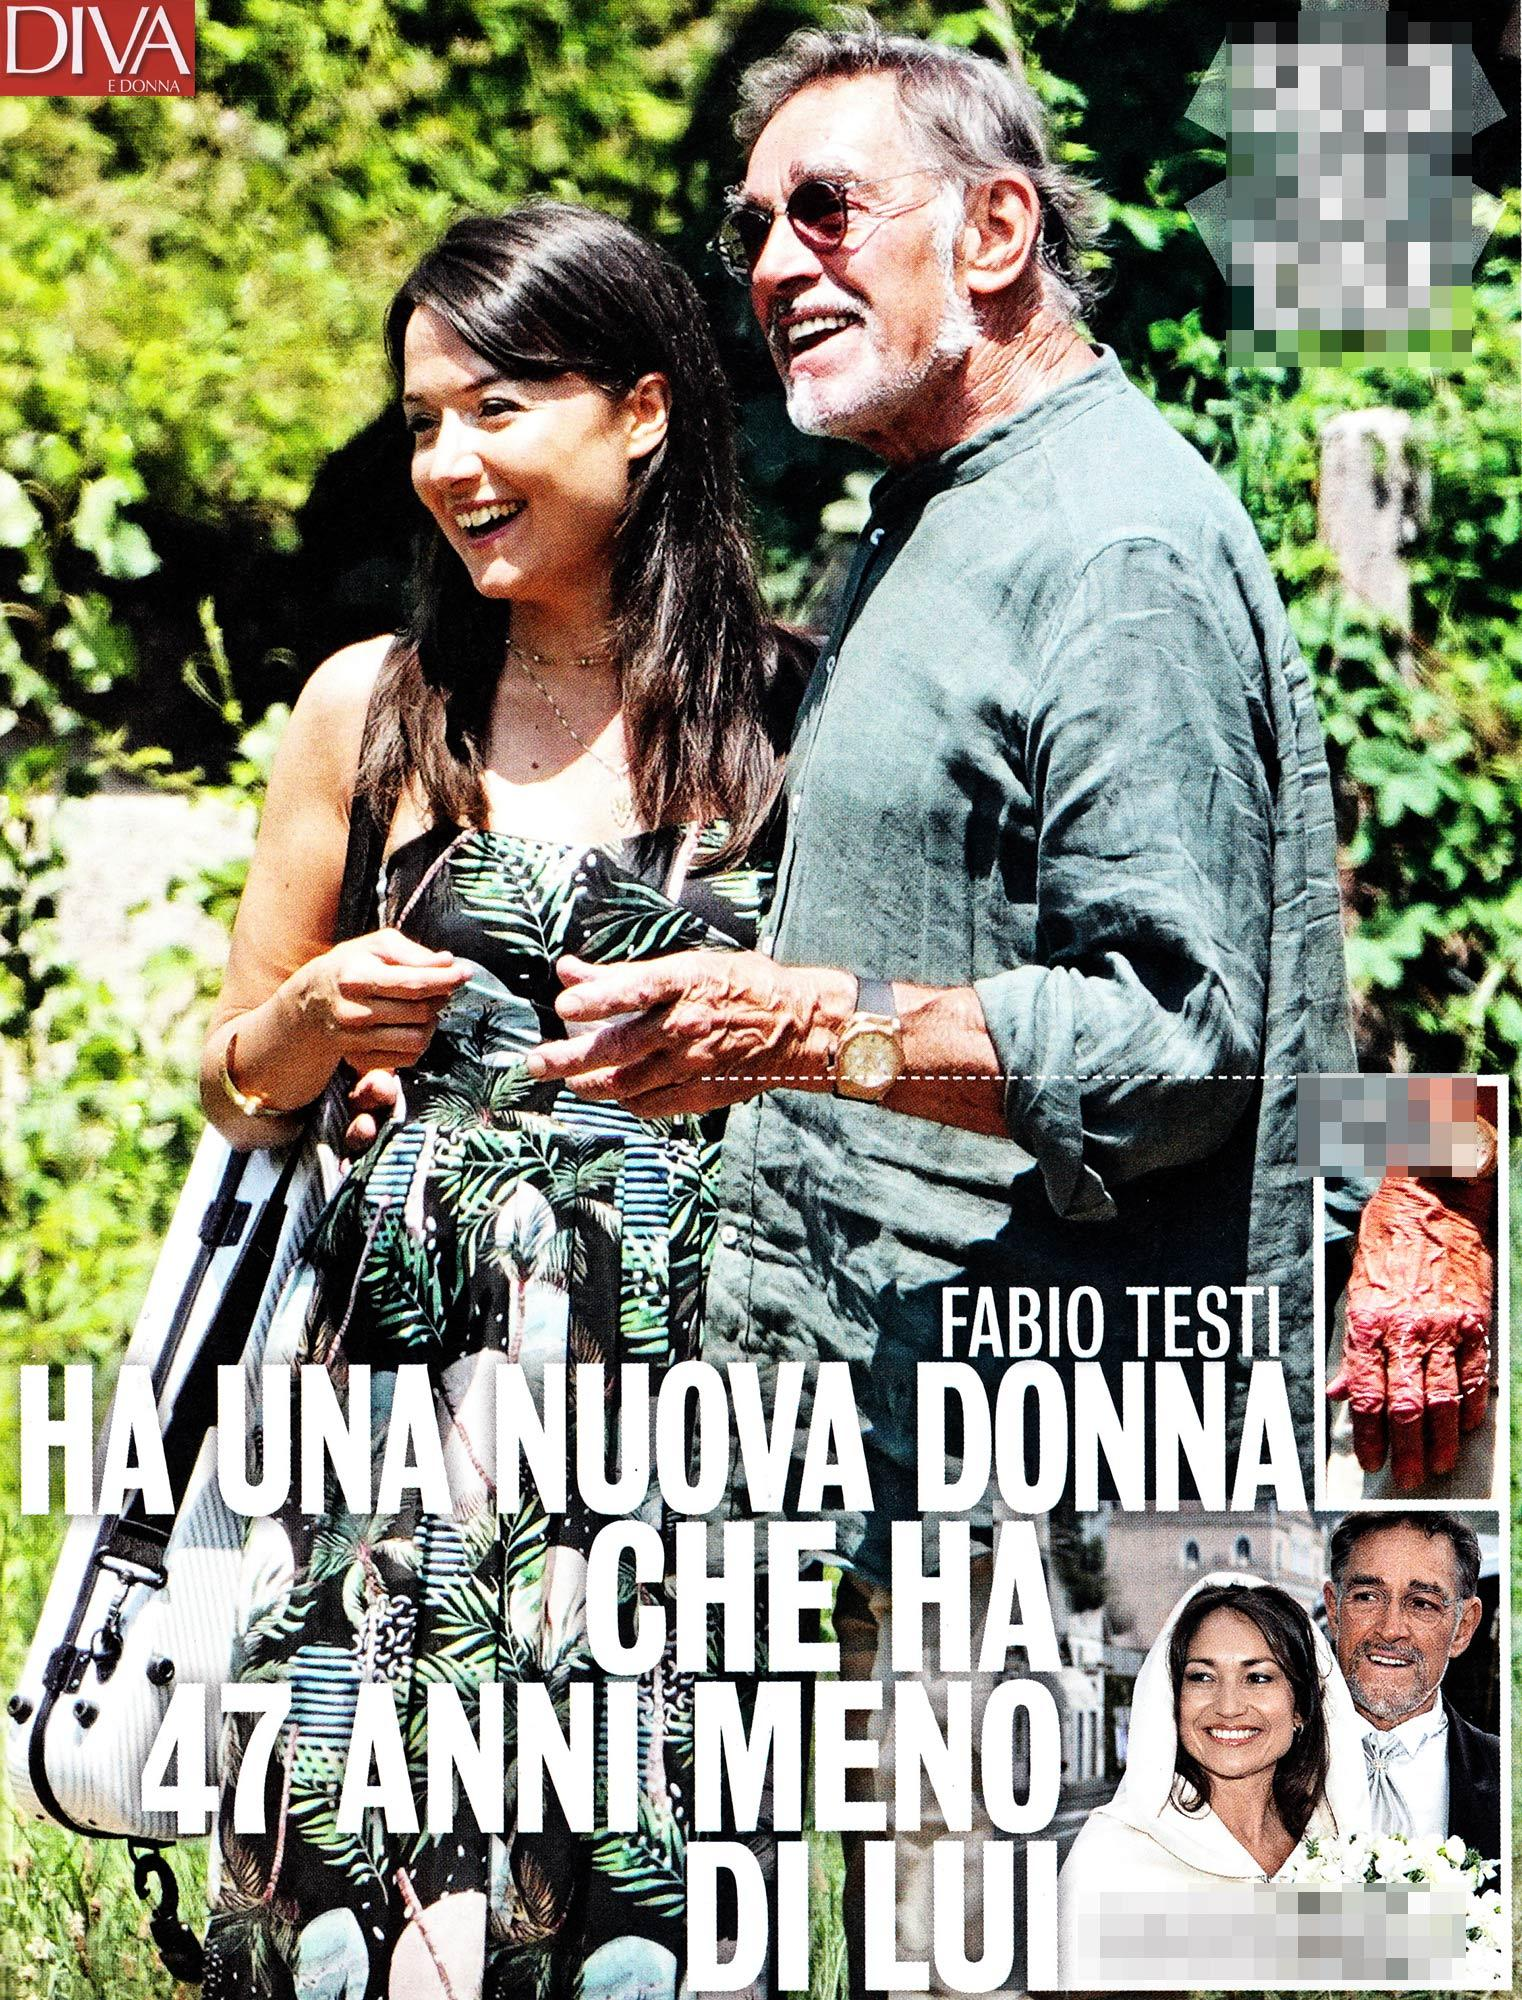 Fabio Testi innamorato, baci e coccole con Lisa